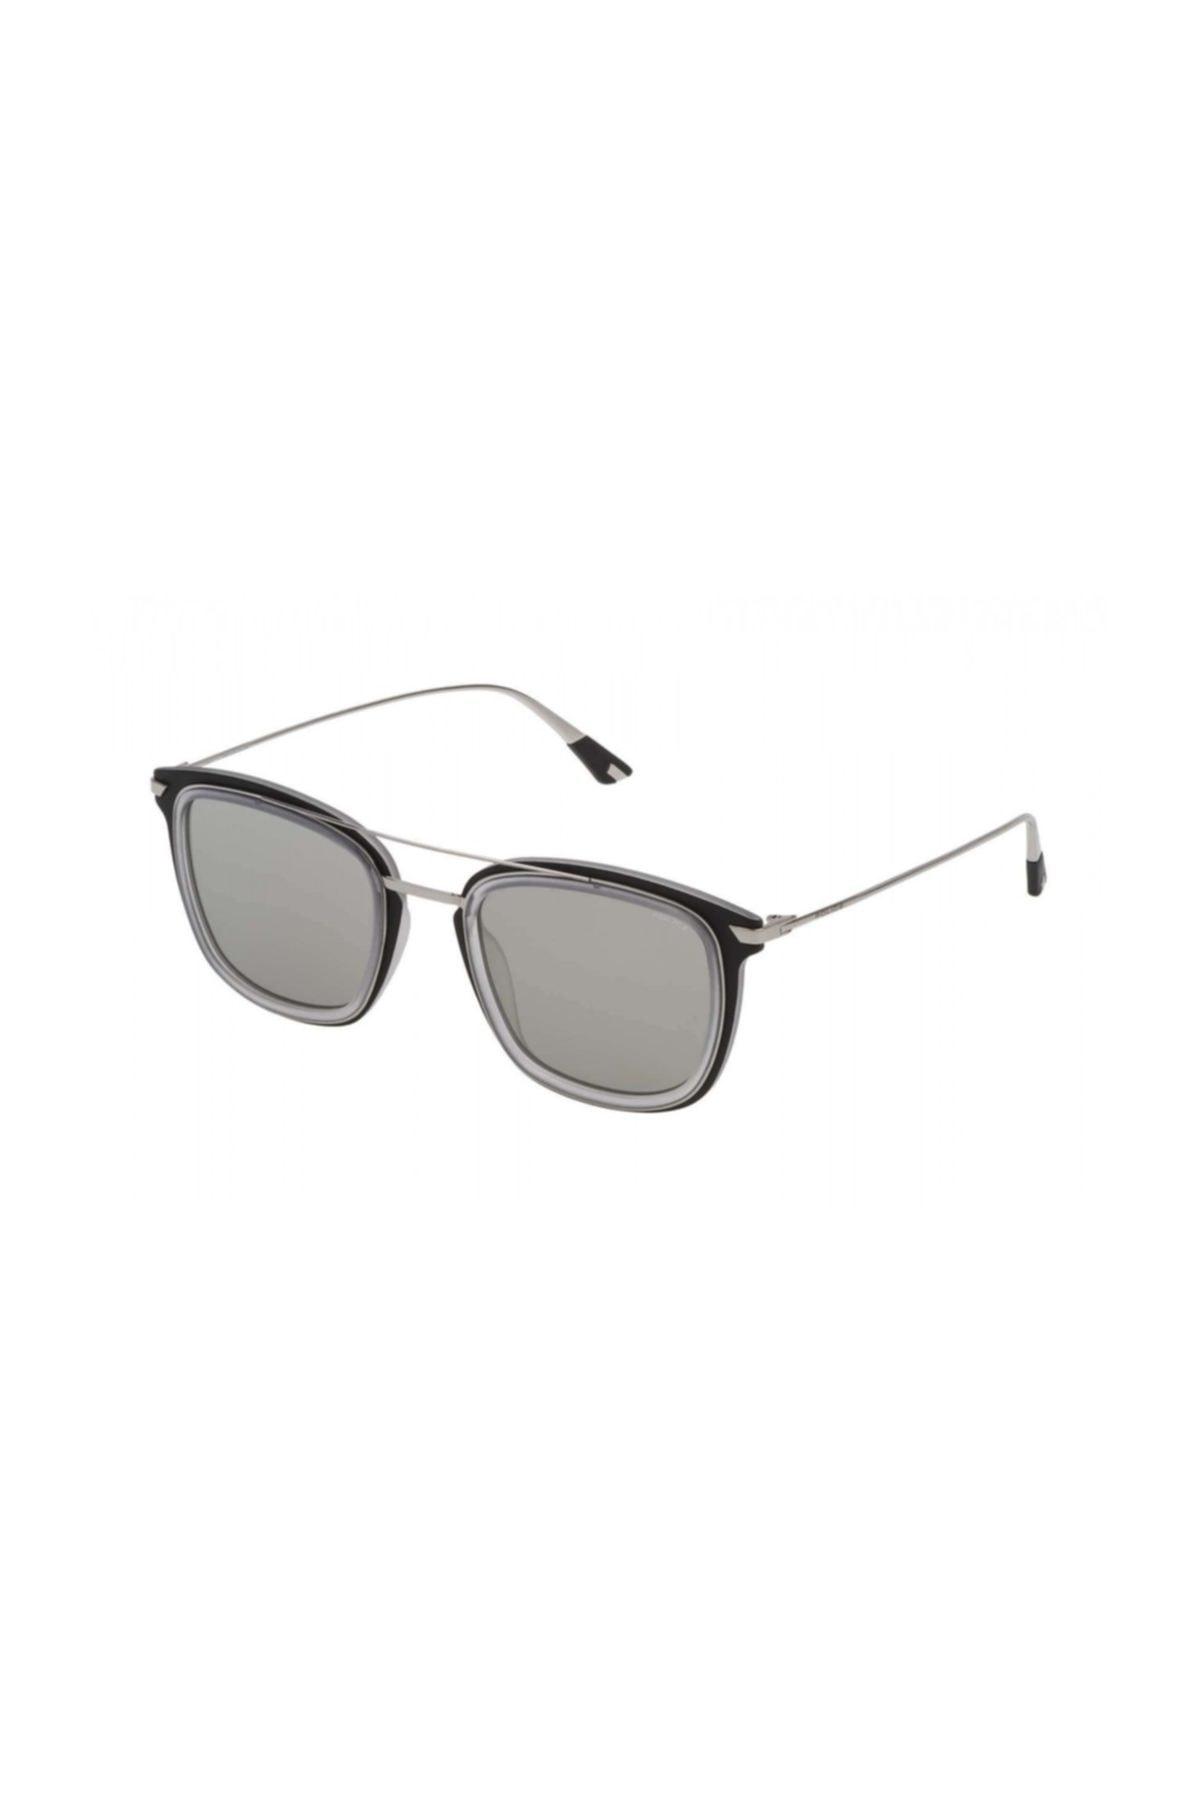 خرید اینترنتی عینک آفتابی شیک برند Police رنگ نقره ای کد ty36952020